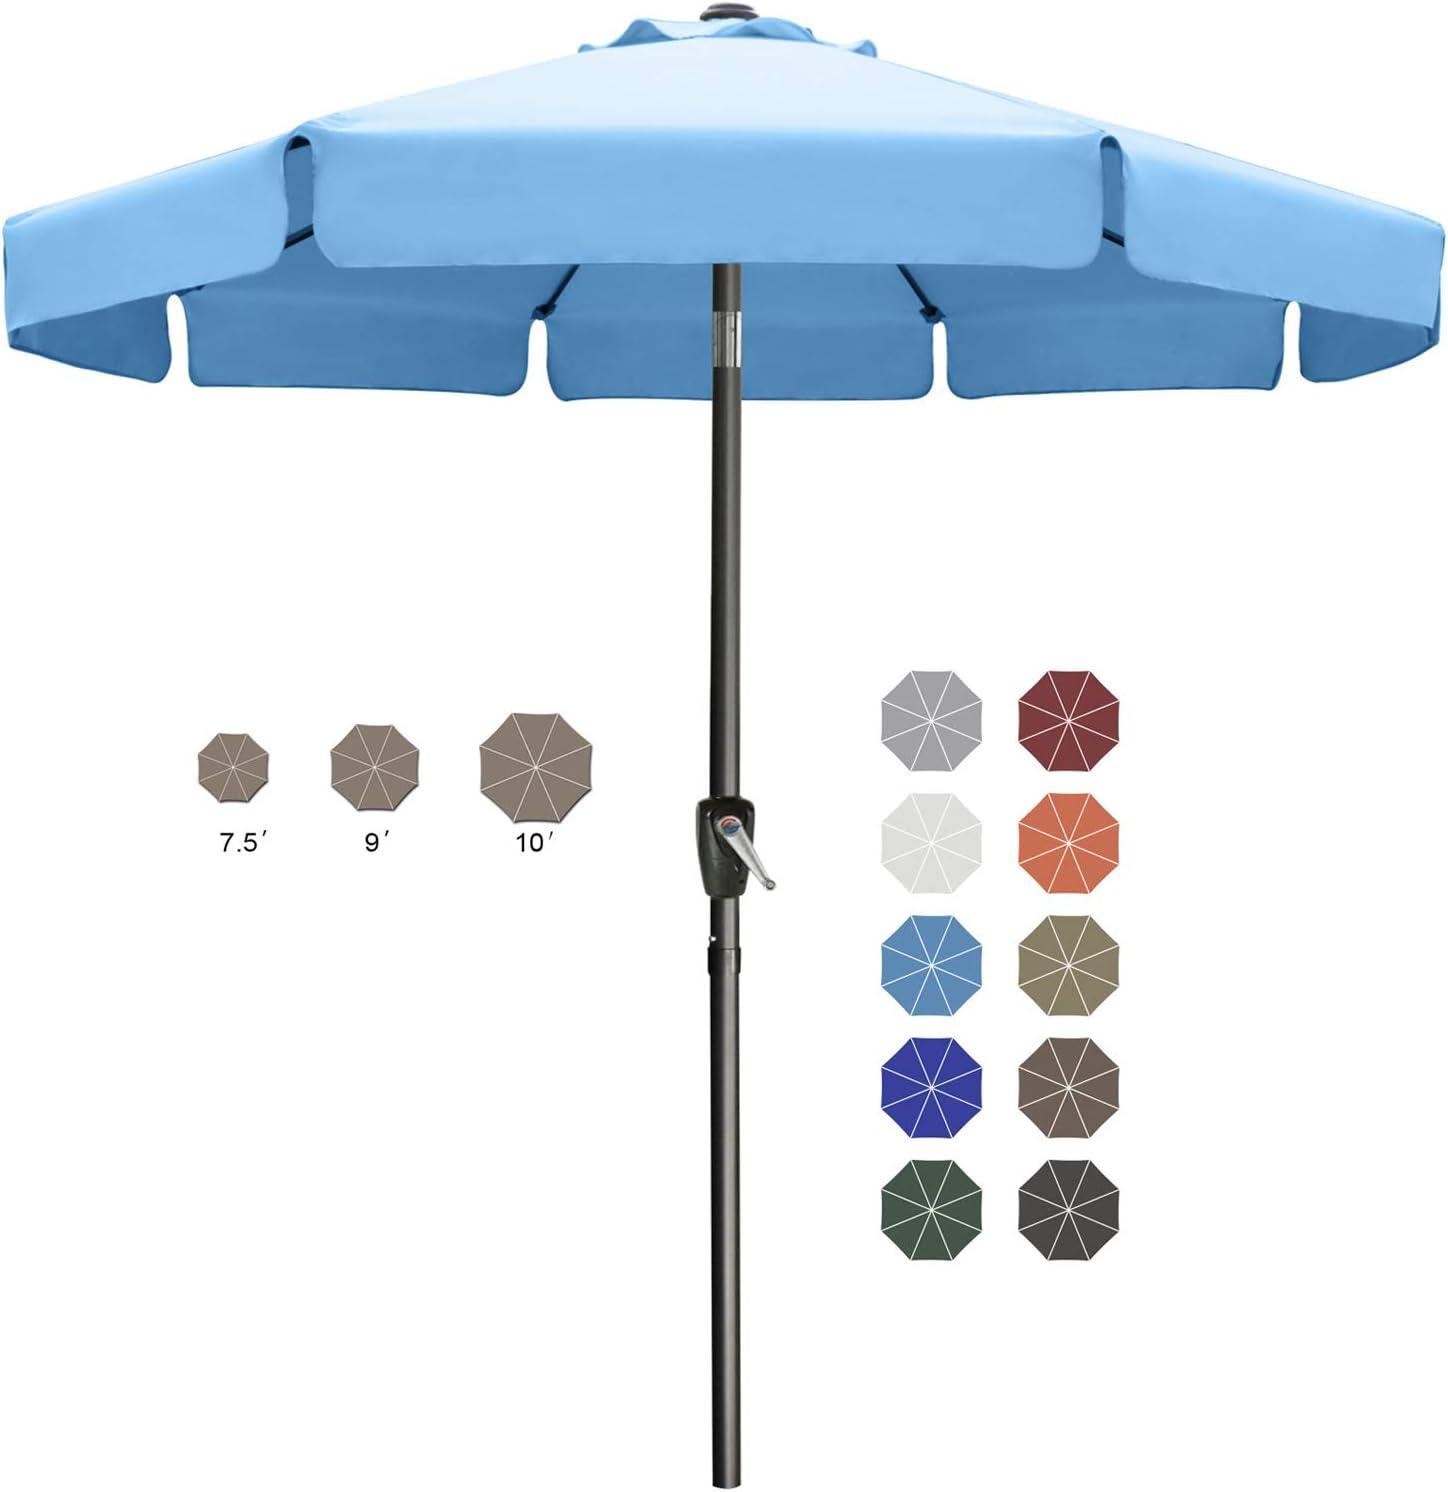 7.5' Outdoor Garden Table Umbrella Patio Umbrella Market Umbrella with Push Button Tilt for Garden, Deck, Backyard and Pool, 8 Ribs 13+Colors,Turquoise